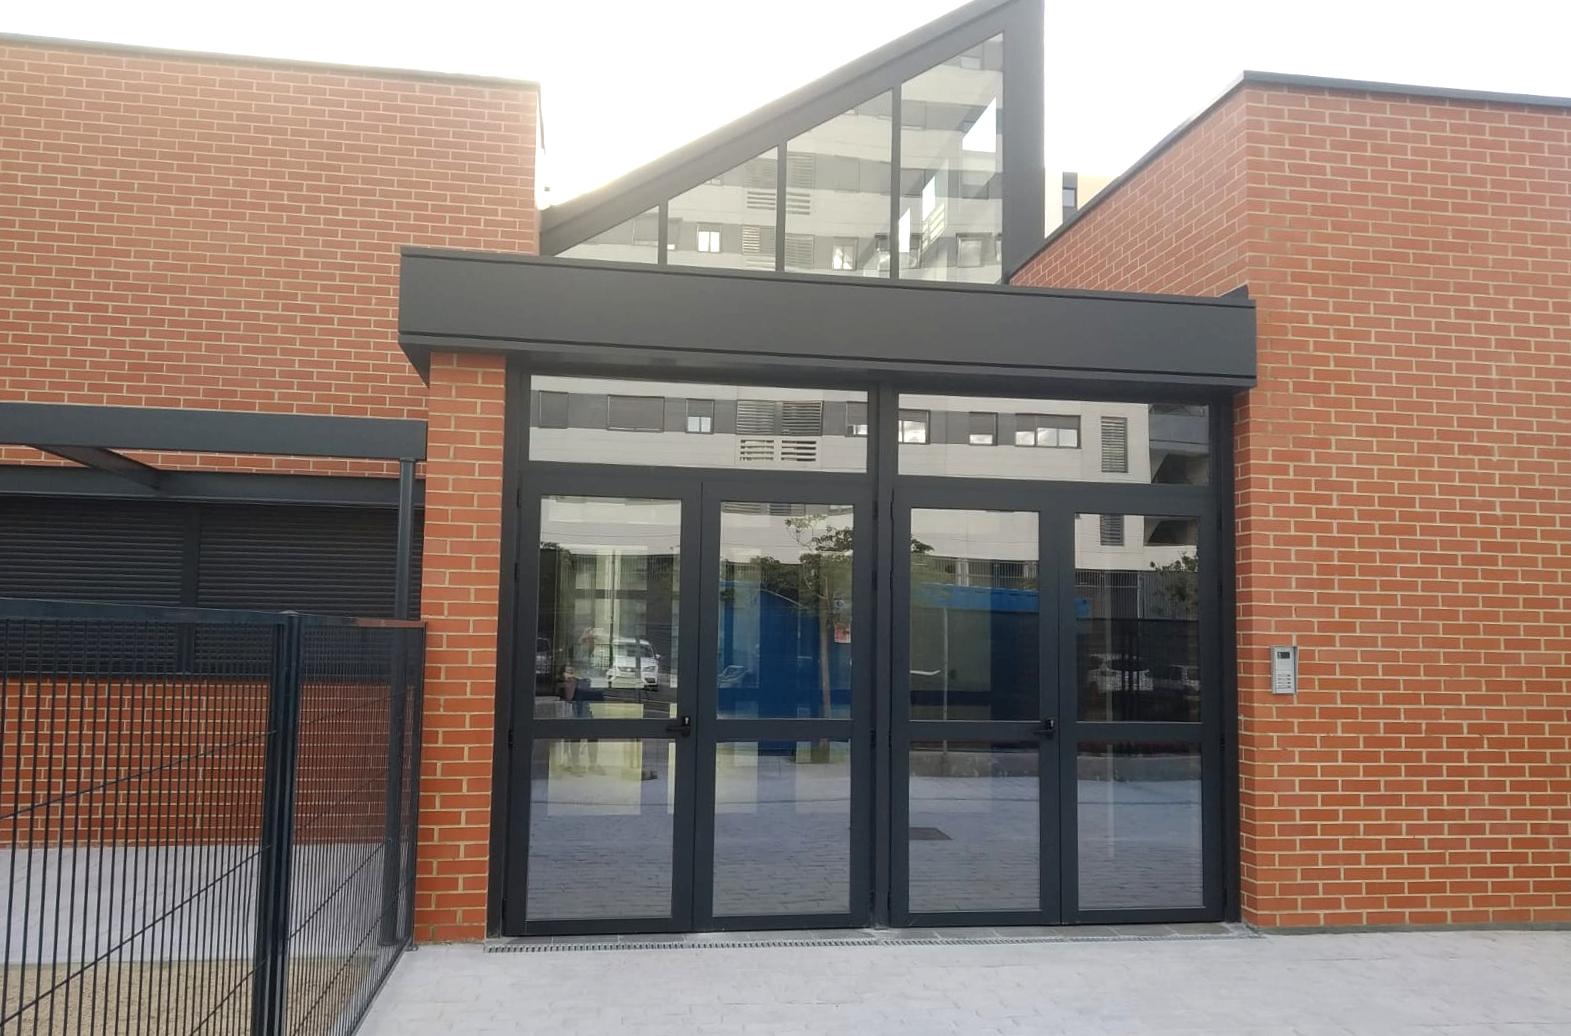 Entrada principal de la escuela infantil municipal Pléyades. ALICIA VENTURA